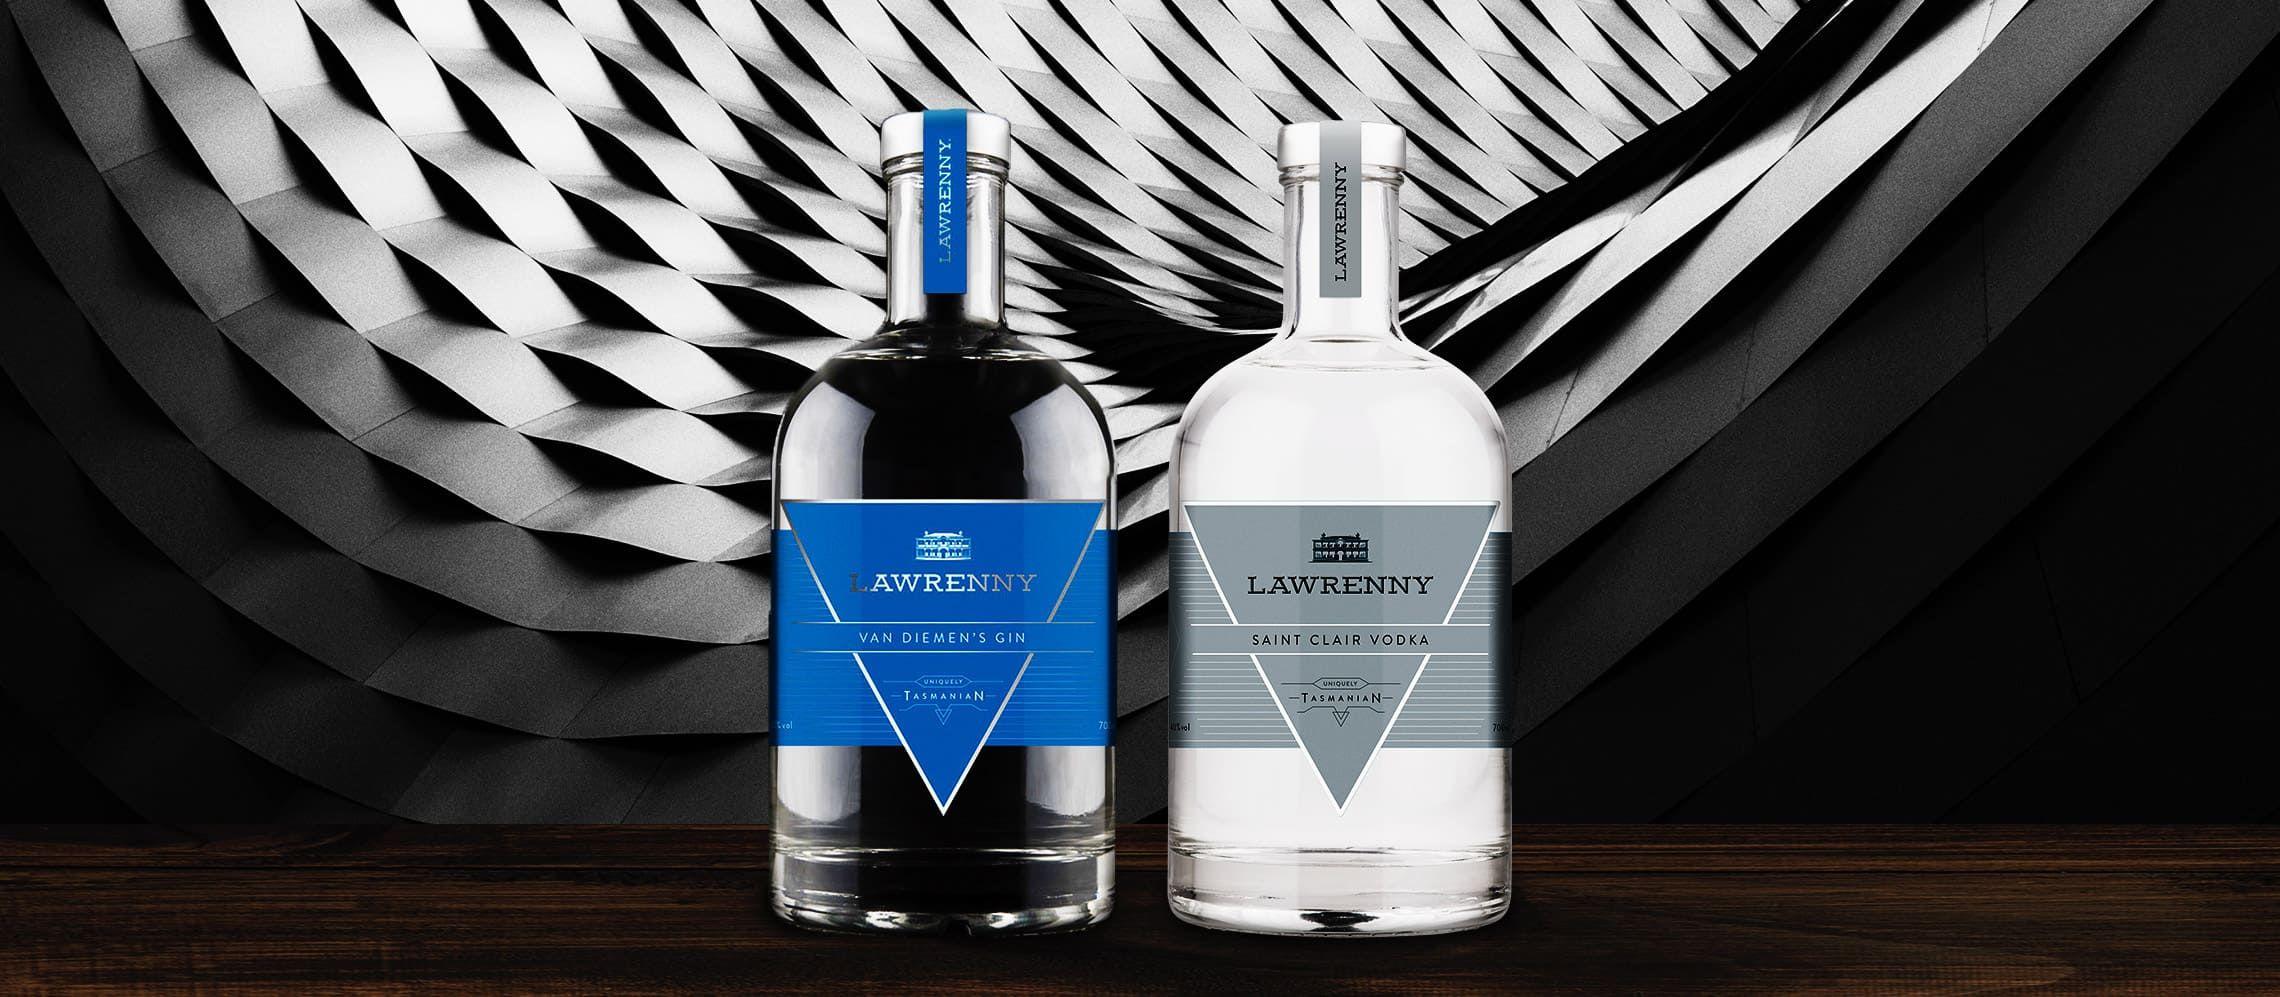 Photo for: Tasmanian Pride Lawrenny Estate Distillery Awarded